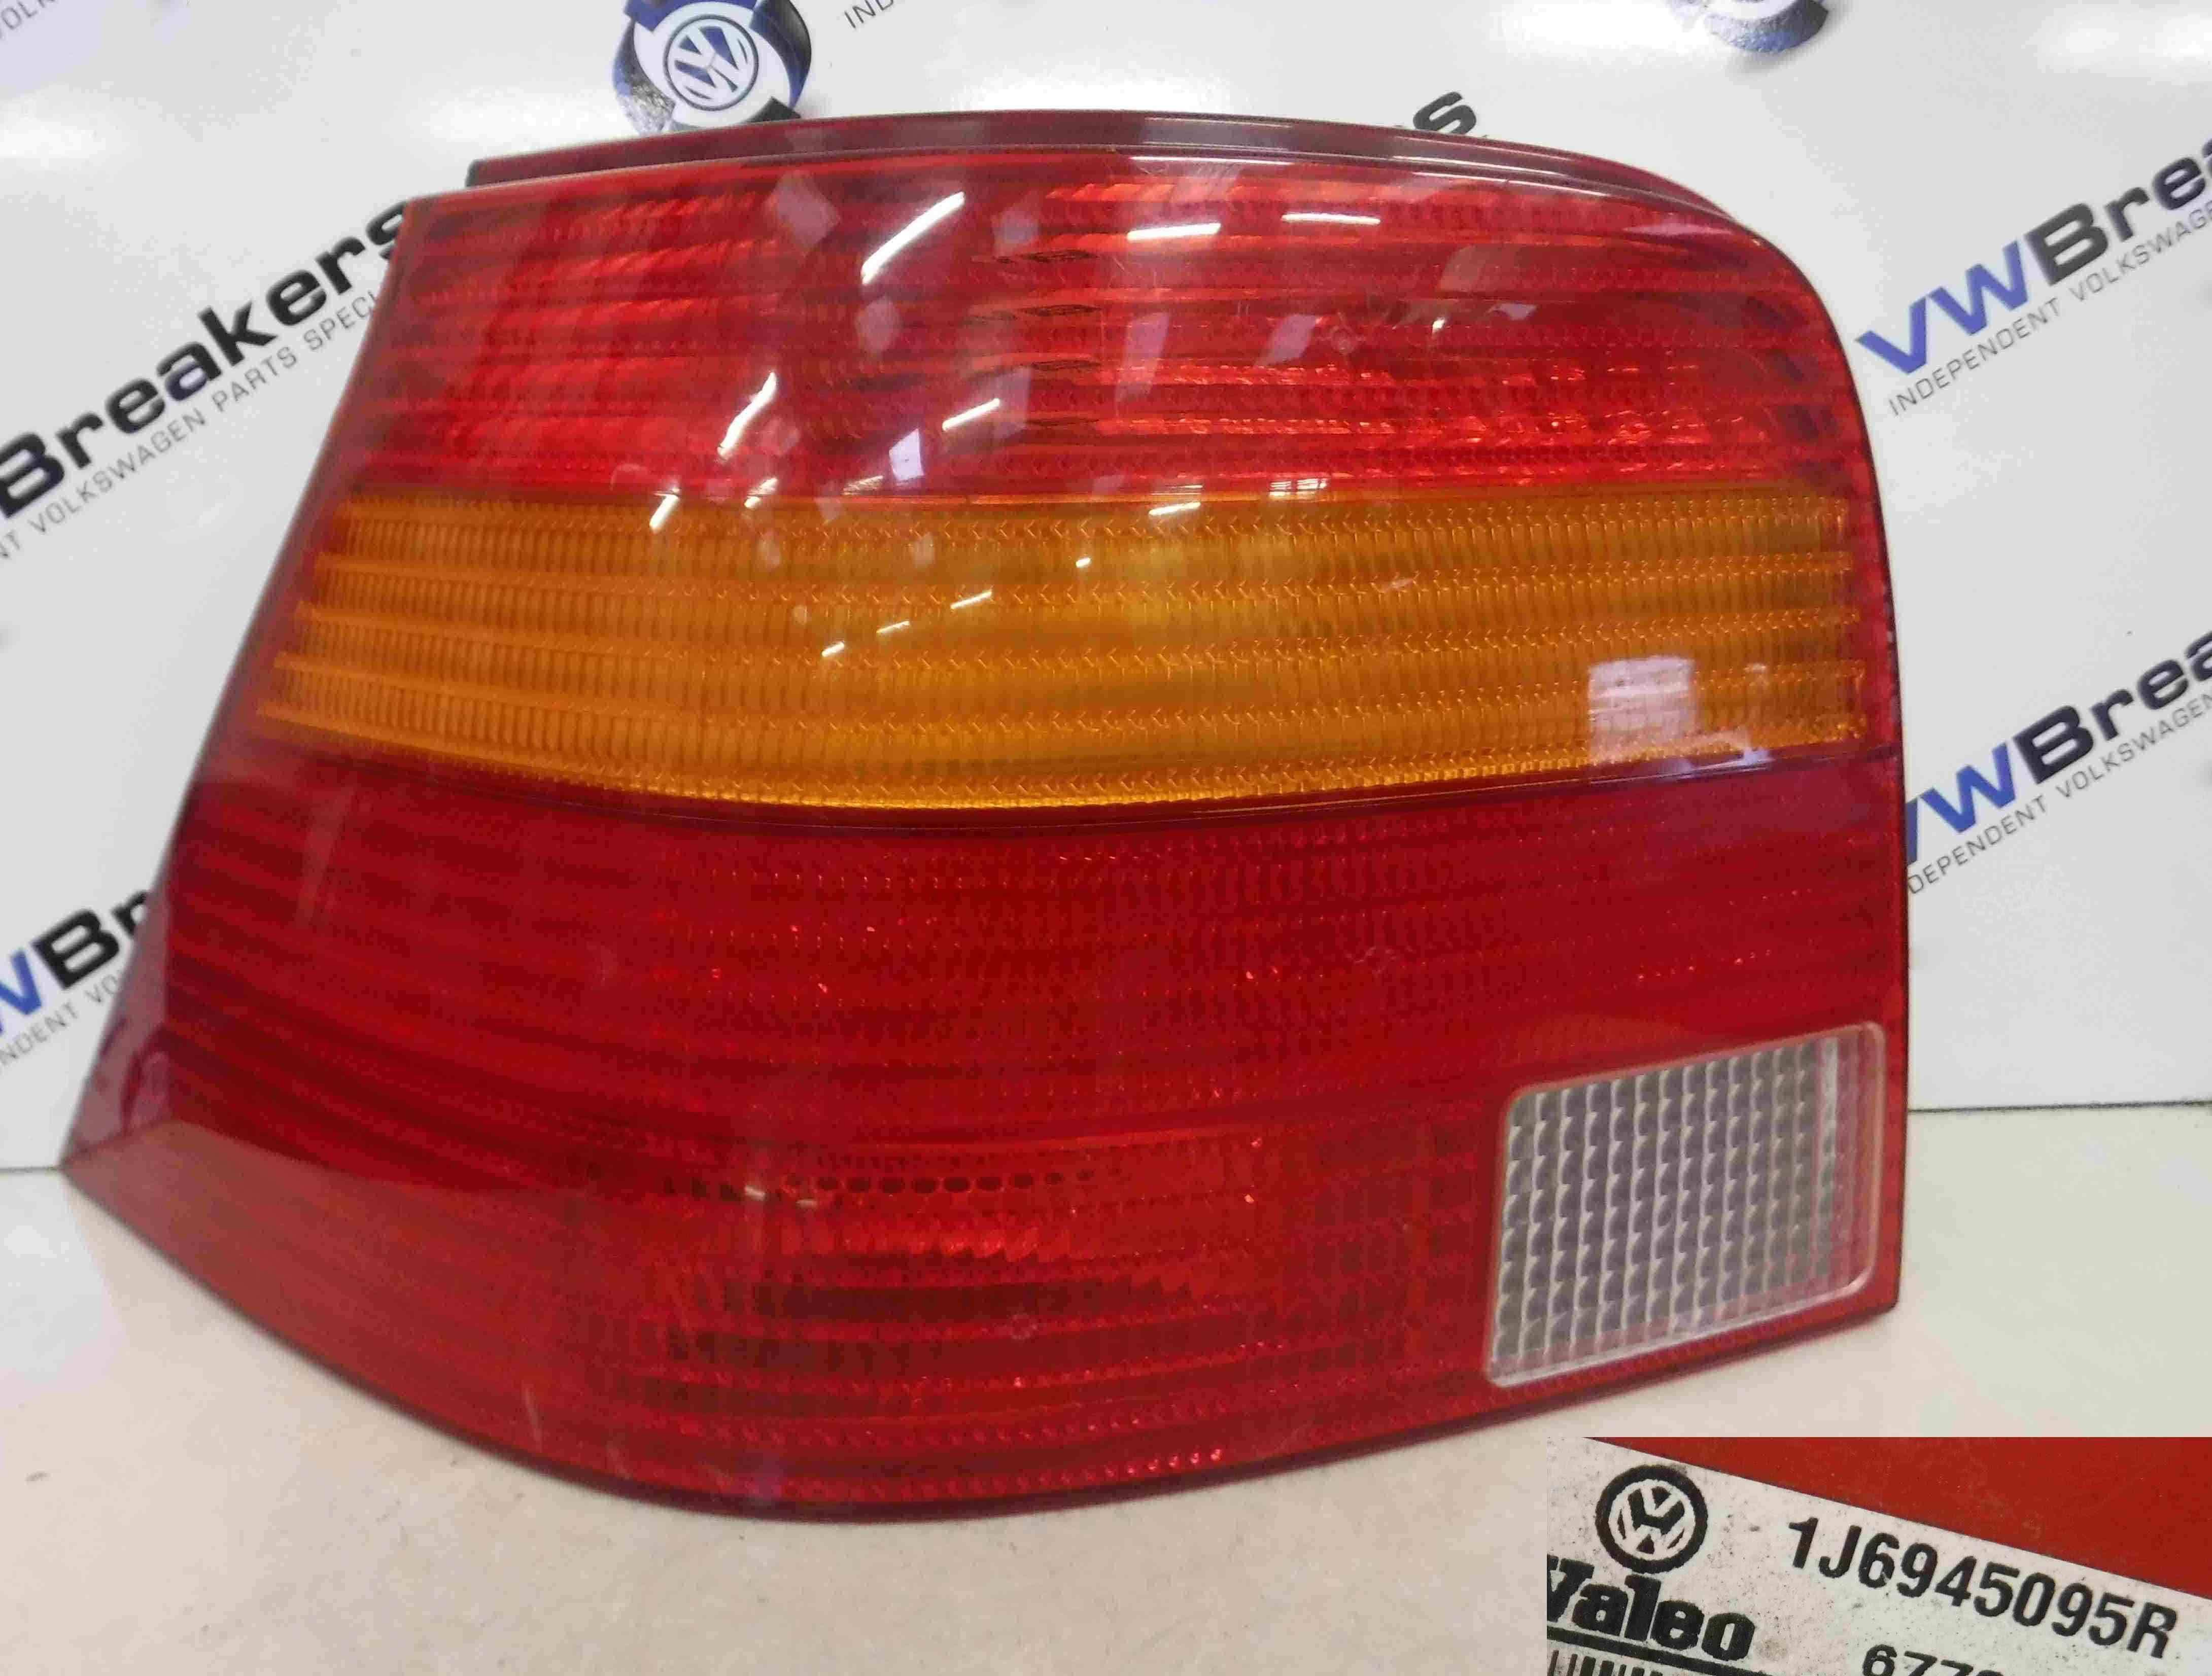 Volkswagen Golf MK4 1997-2004 Passenger NSR Rear Light Lens + Cluster 1J6945095R